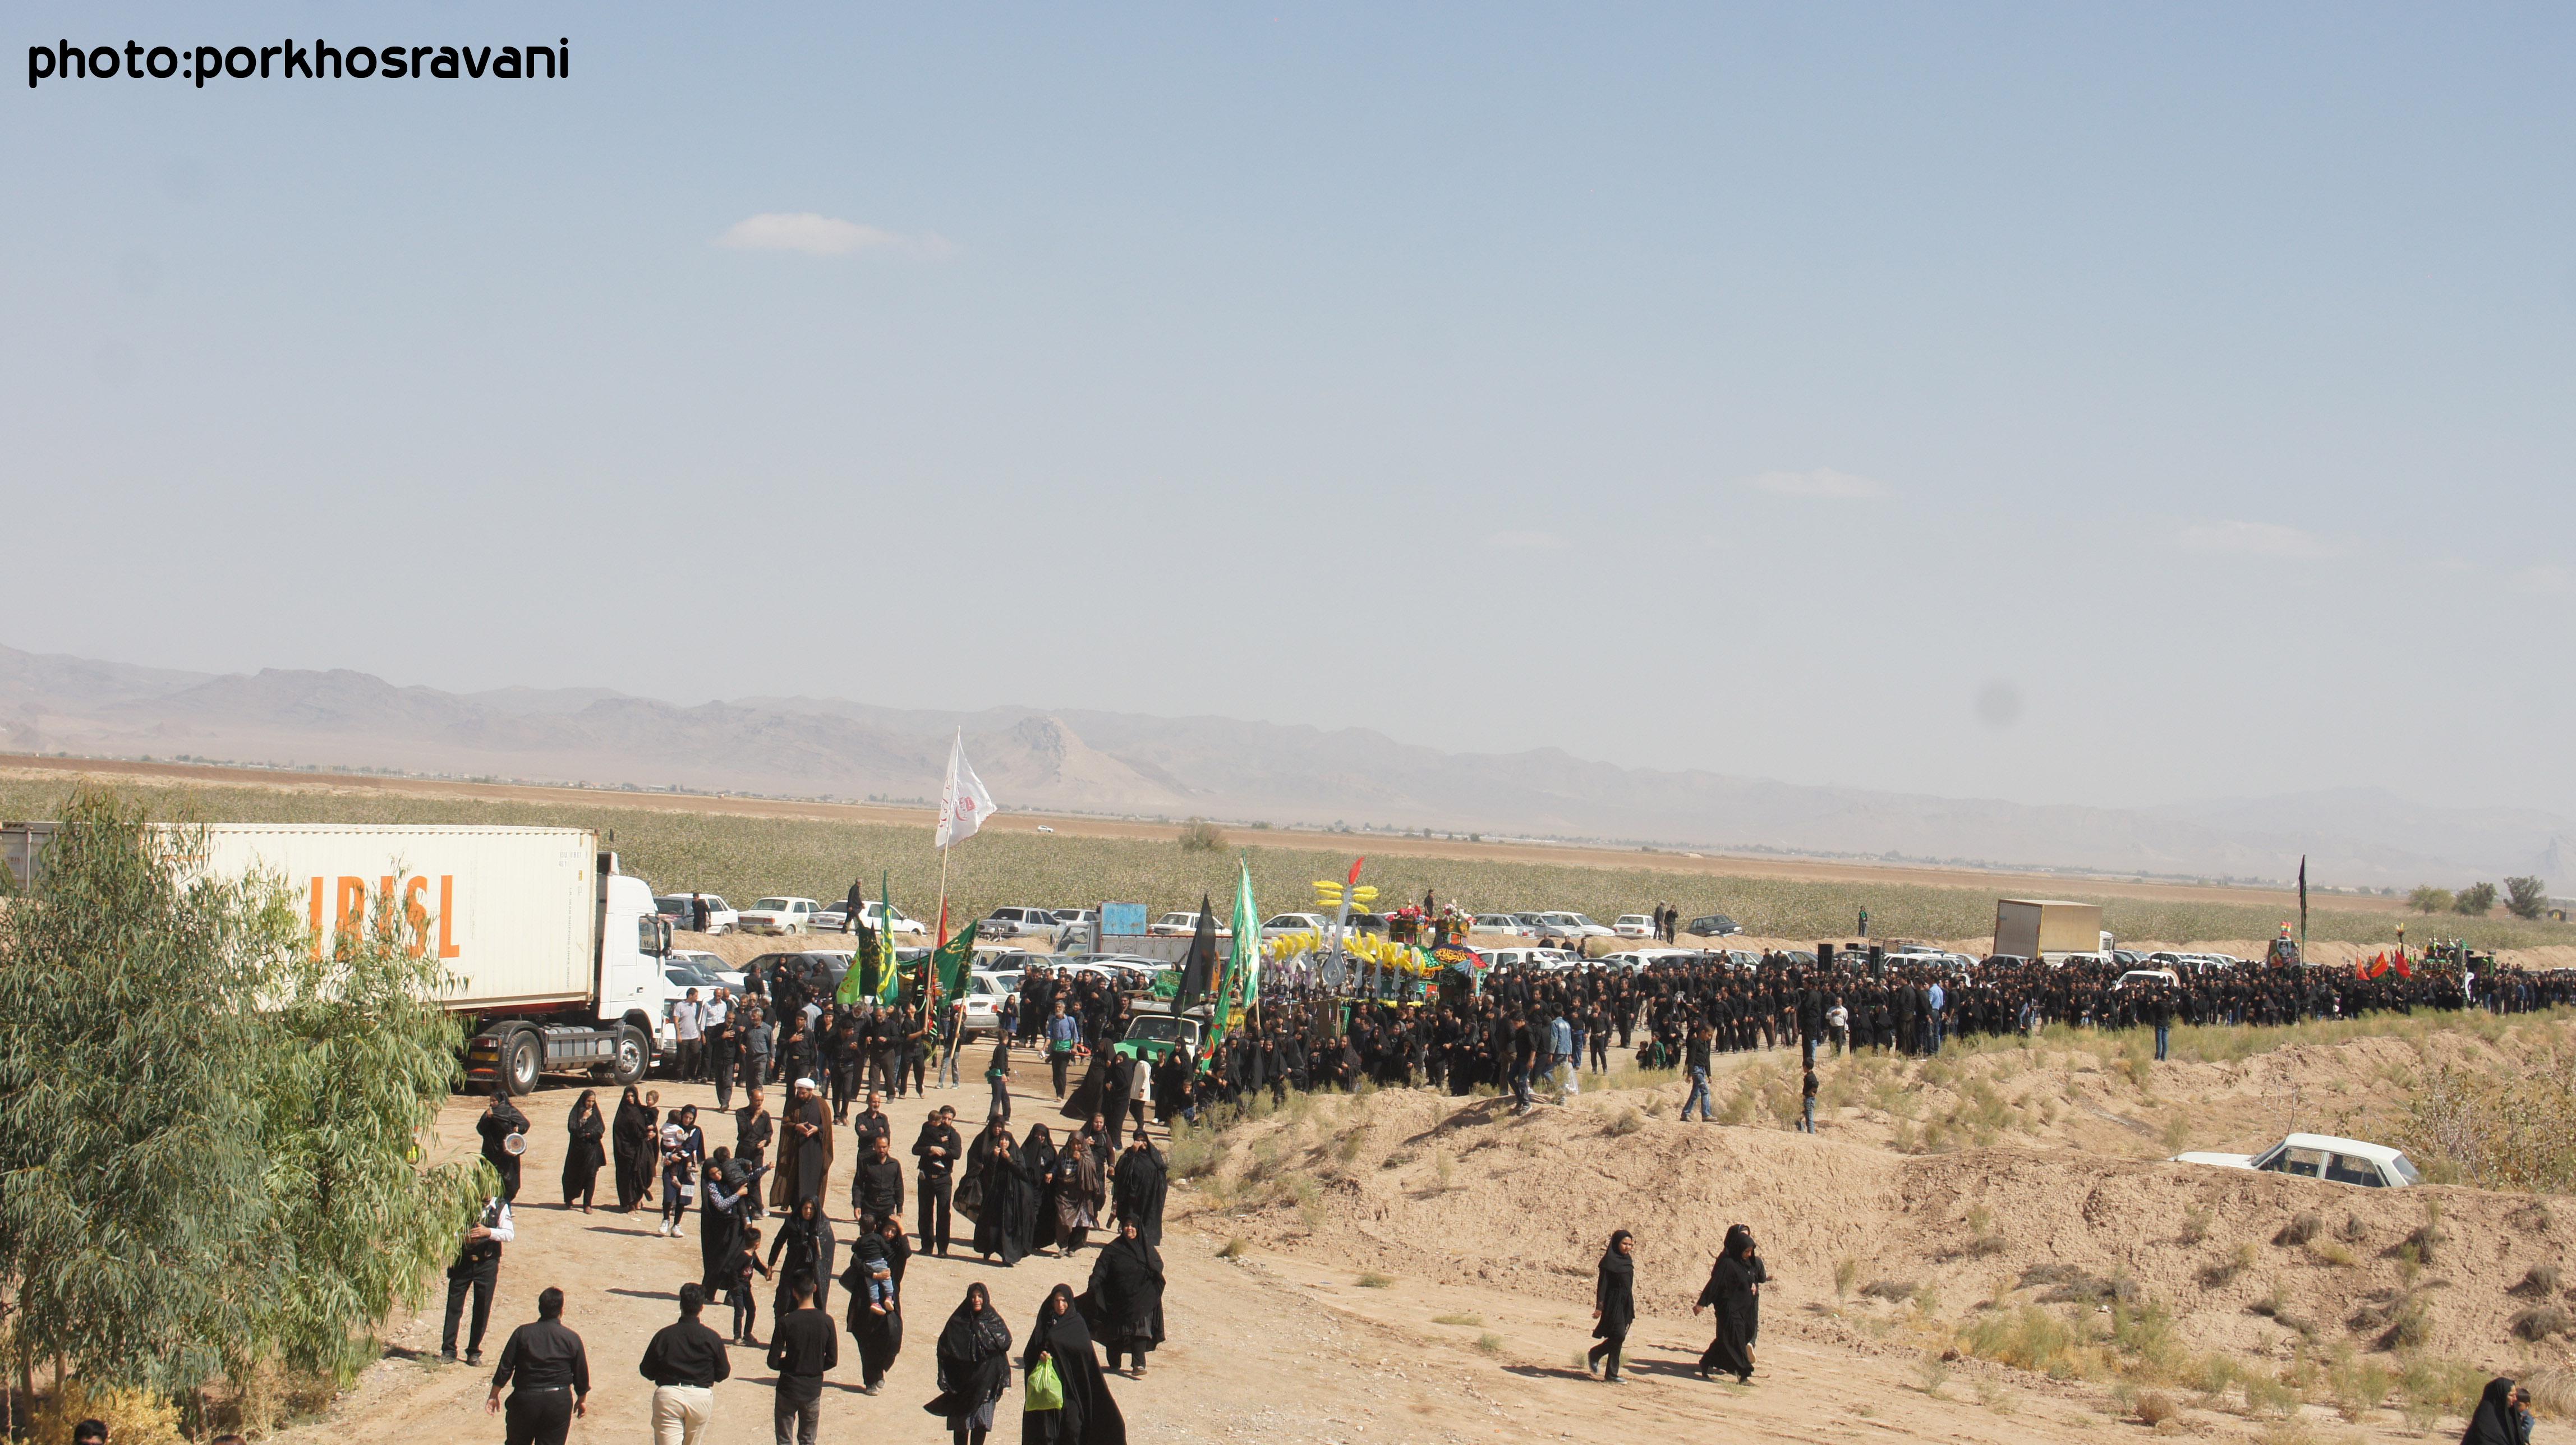 نماهنگ عاشورای حسینی95 در روستای خسروانی